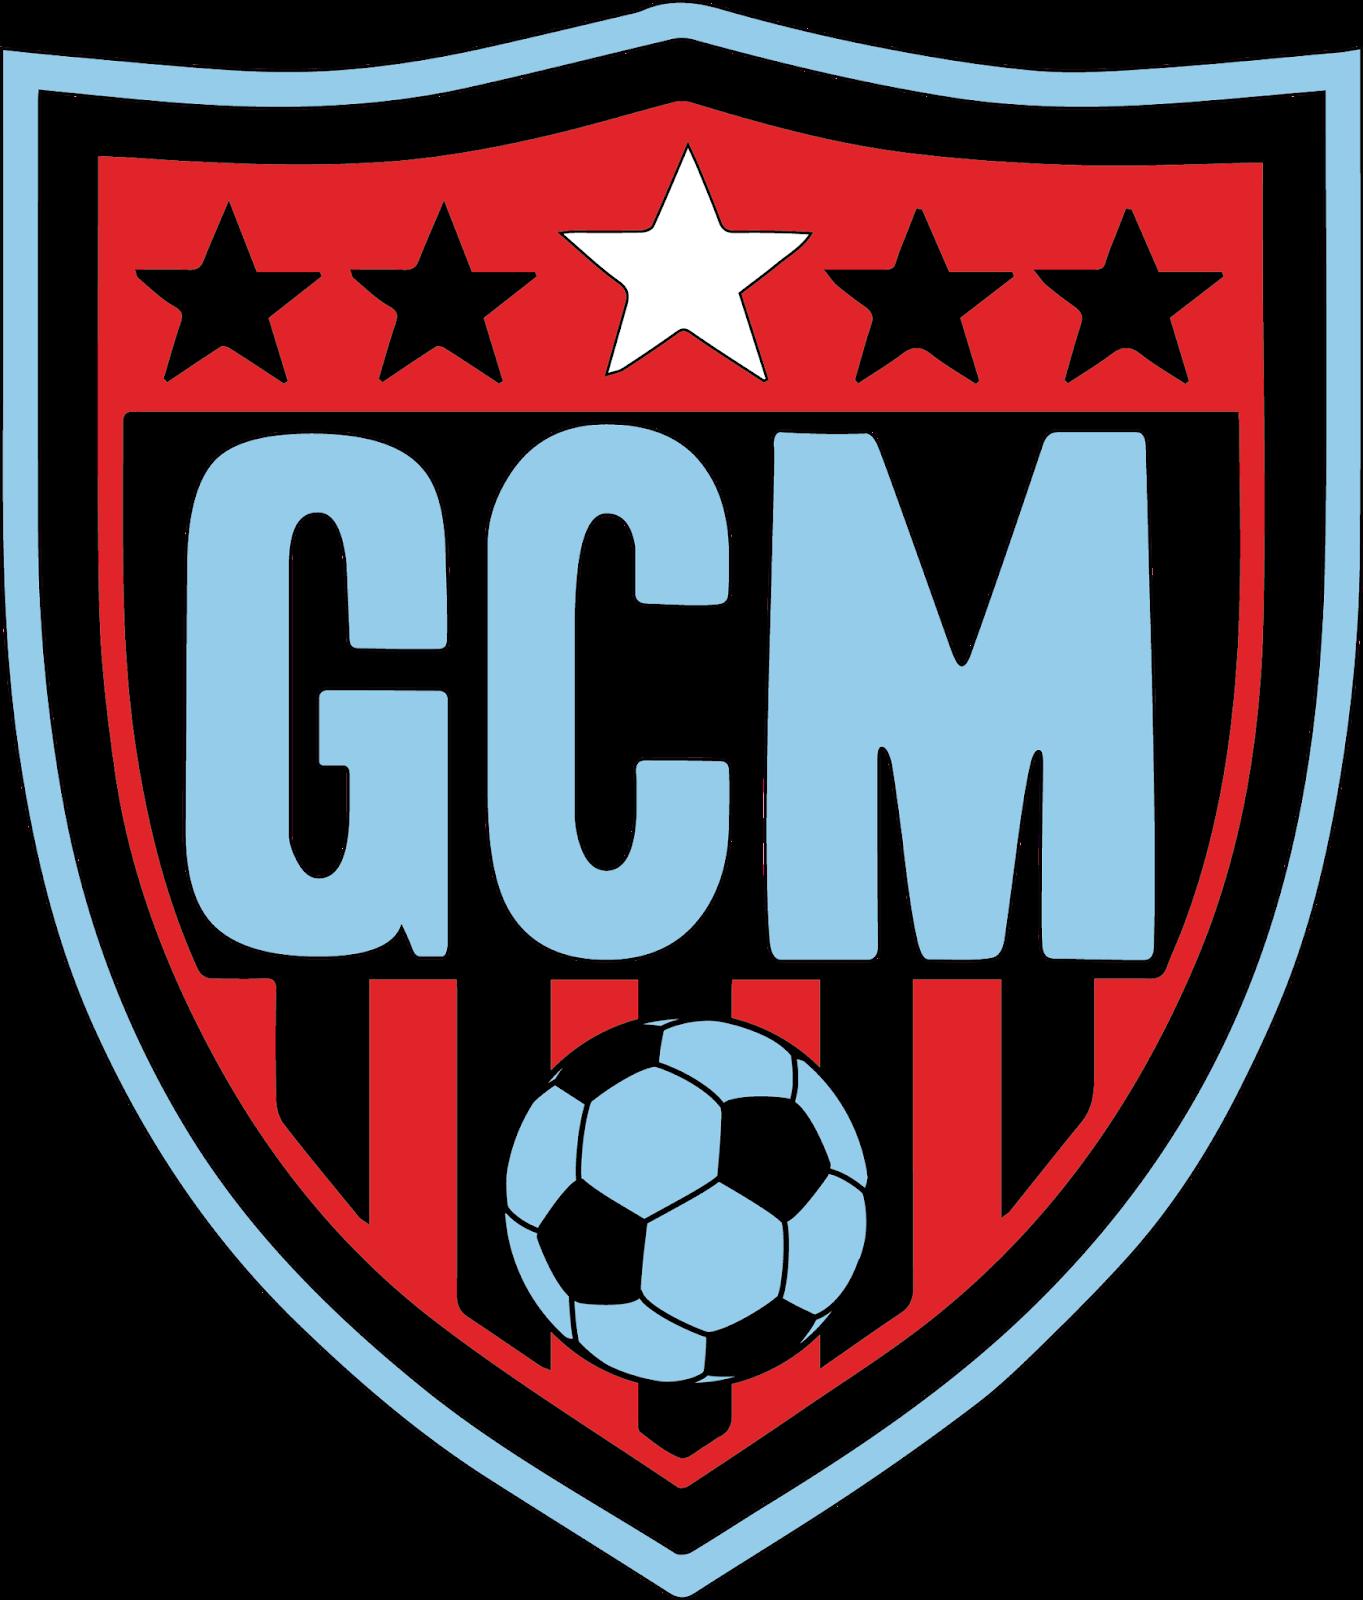 gcm soccer logo 01.png